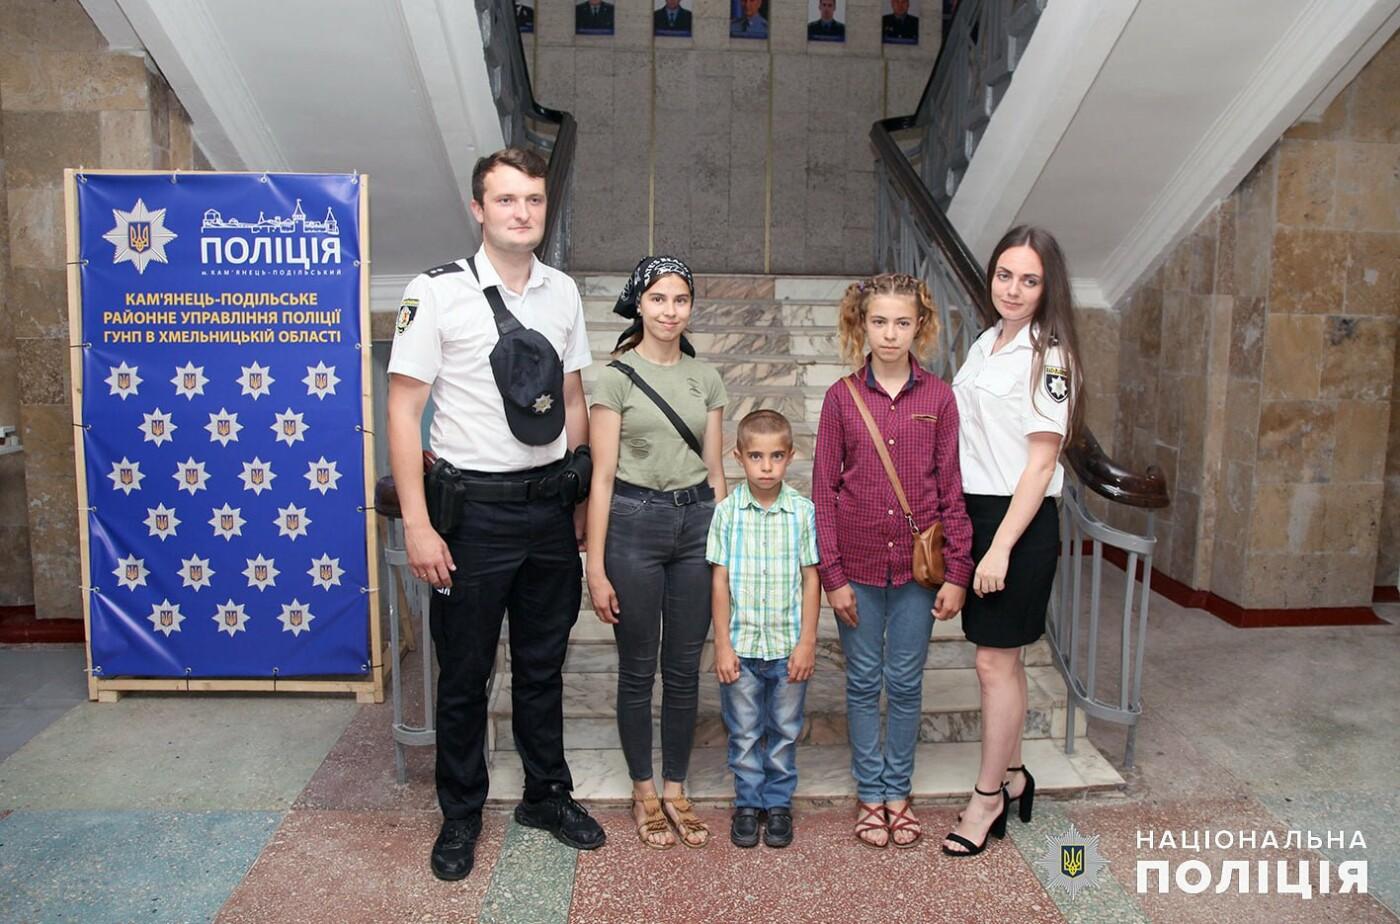 Кам'янецькі поліцейські здійснили мрію 8-класниці , фото-5, Фото: пресслужба Поліції Хмельницької області.